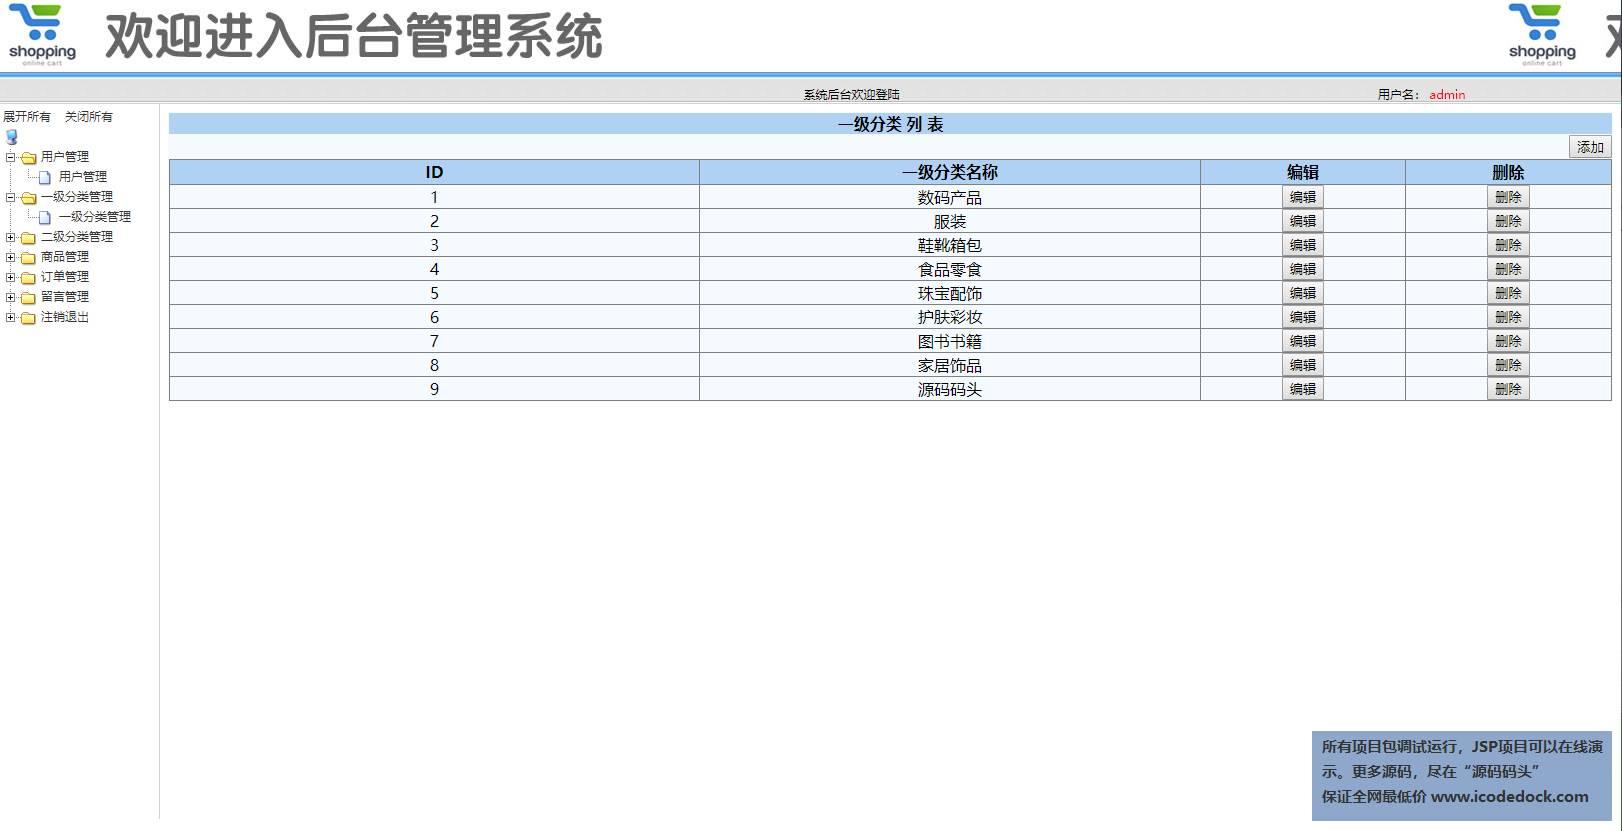 源码码头-SSM网上超市购物商城管理系统-管理员角色-一级分类管理